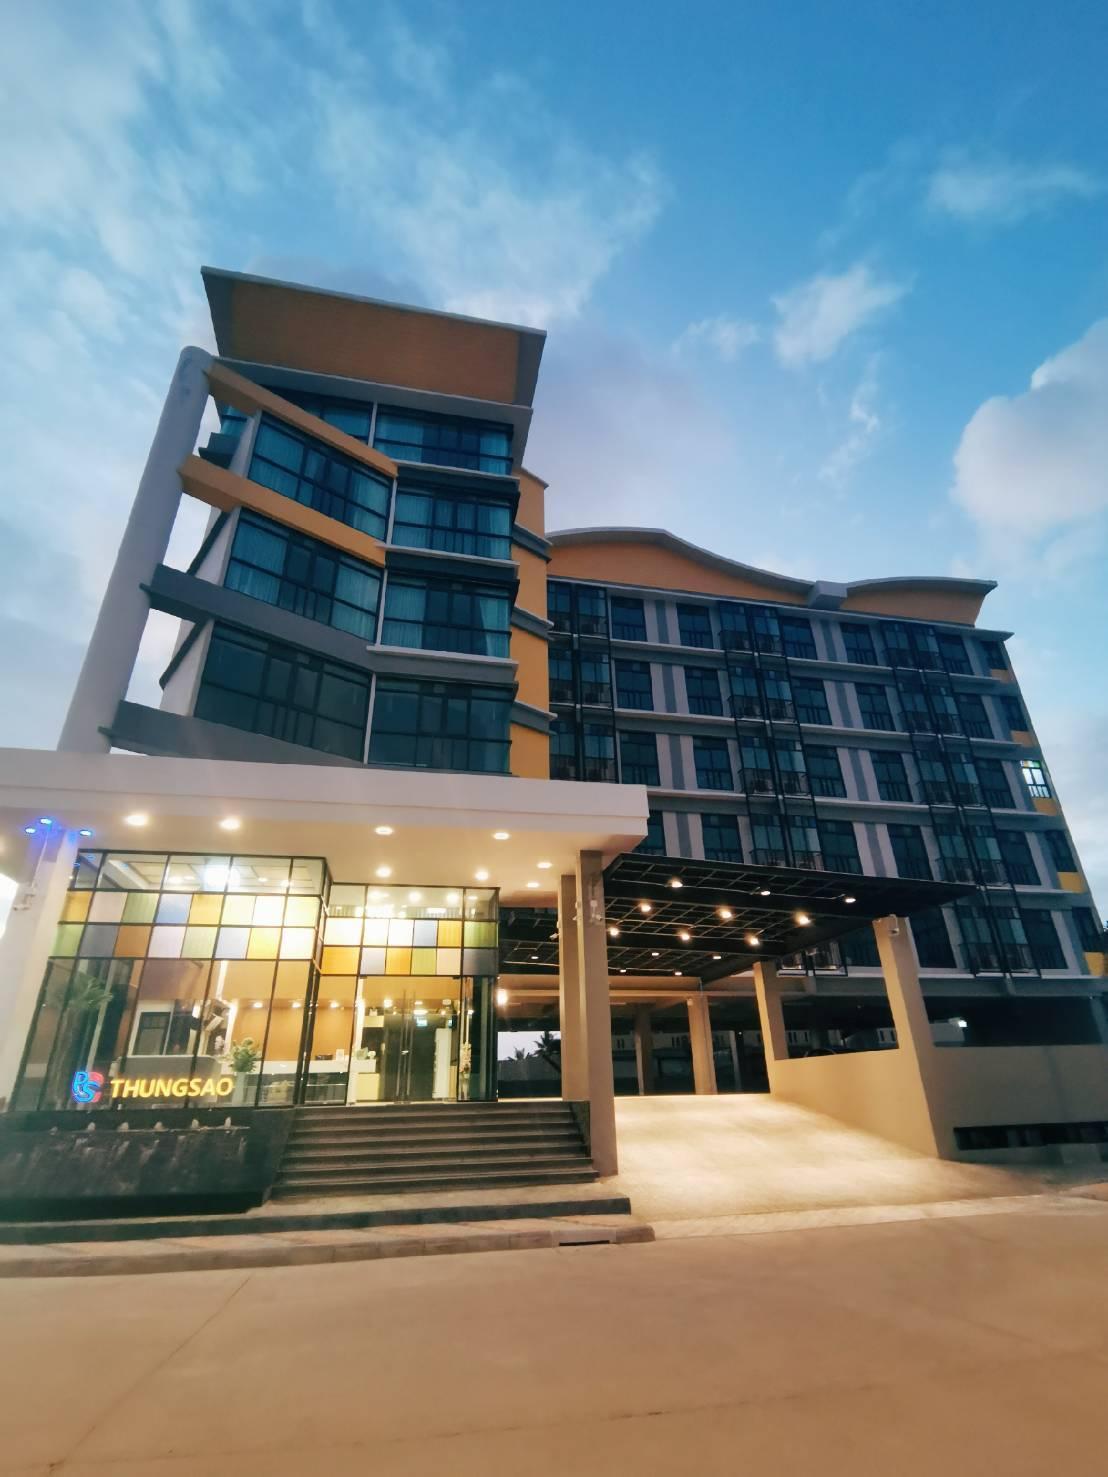 PS Thungsao Hotel